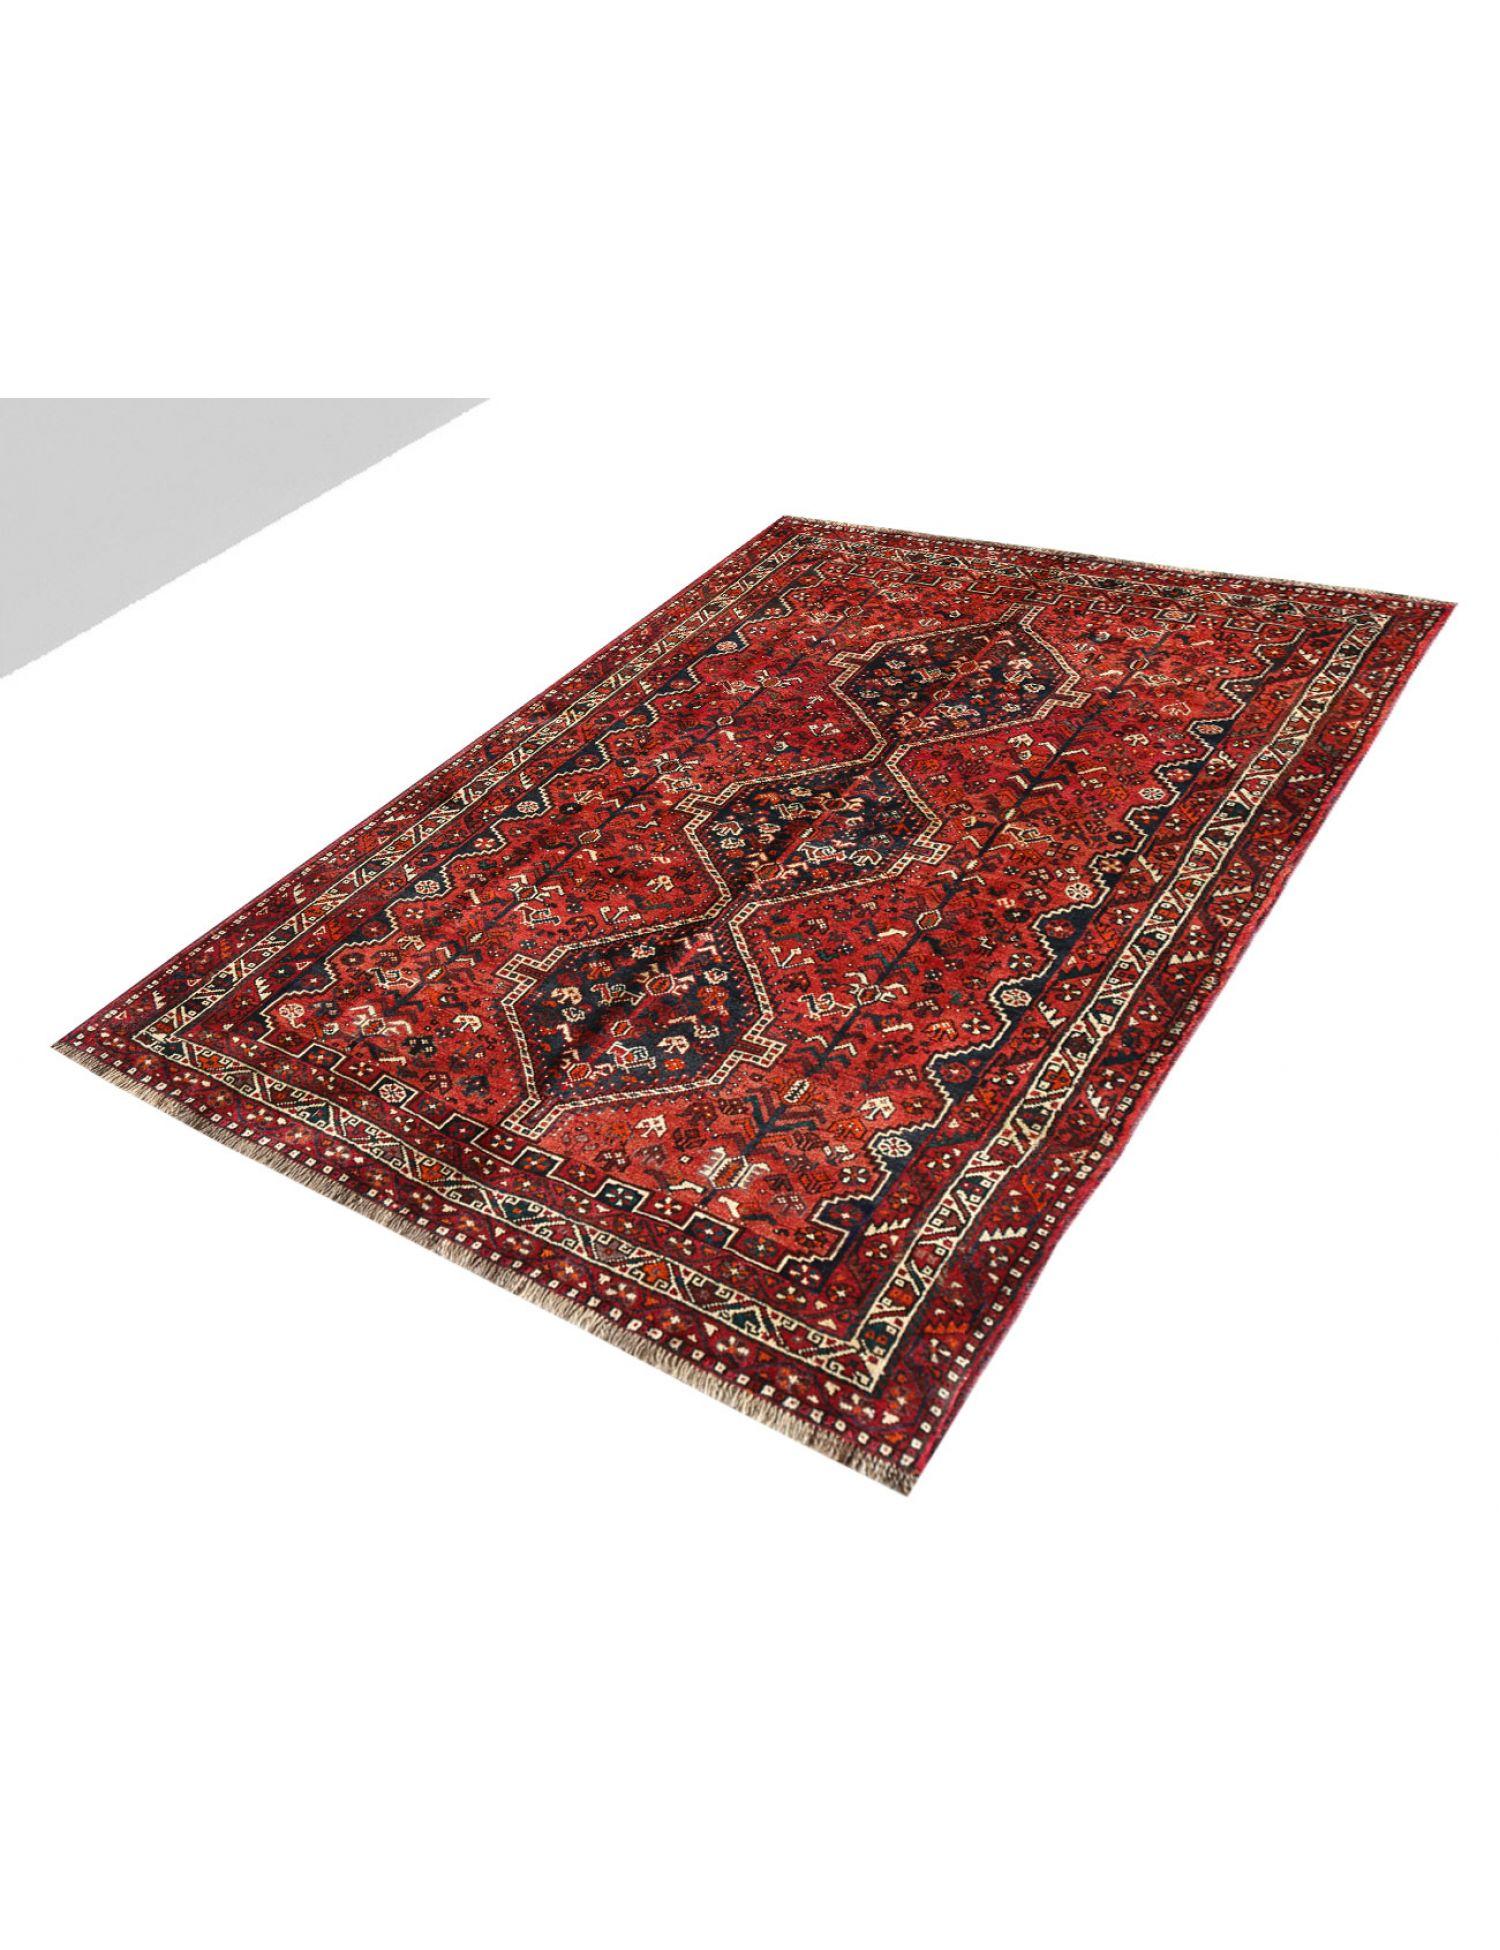 Περσικό Χαλί  Μπλέ <br/>261 x 173 cm